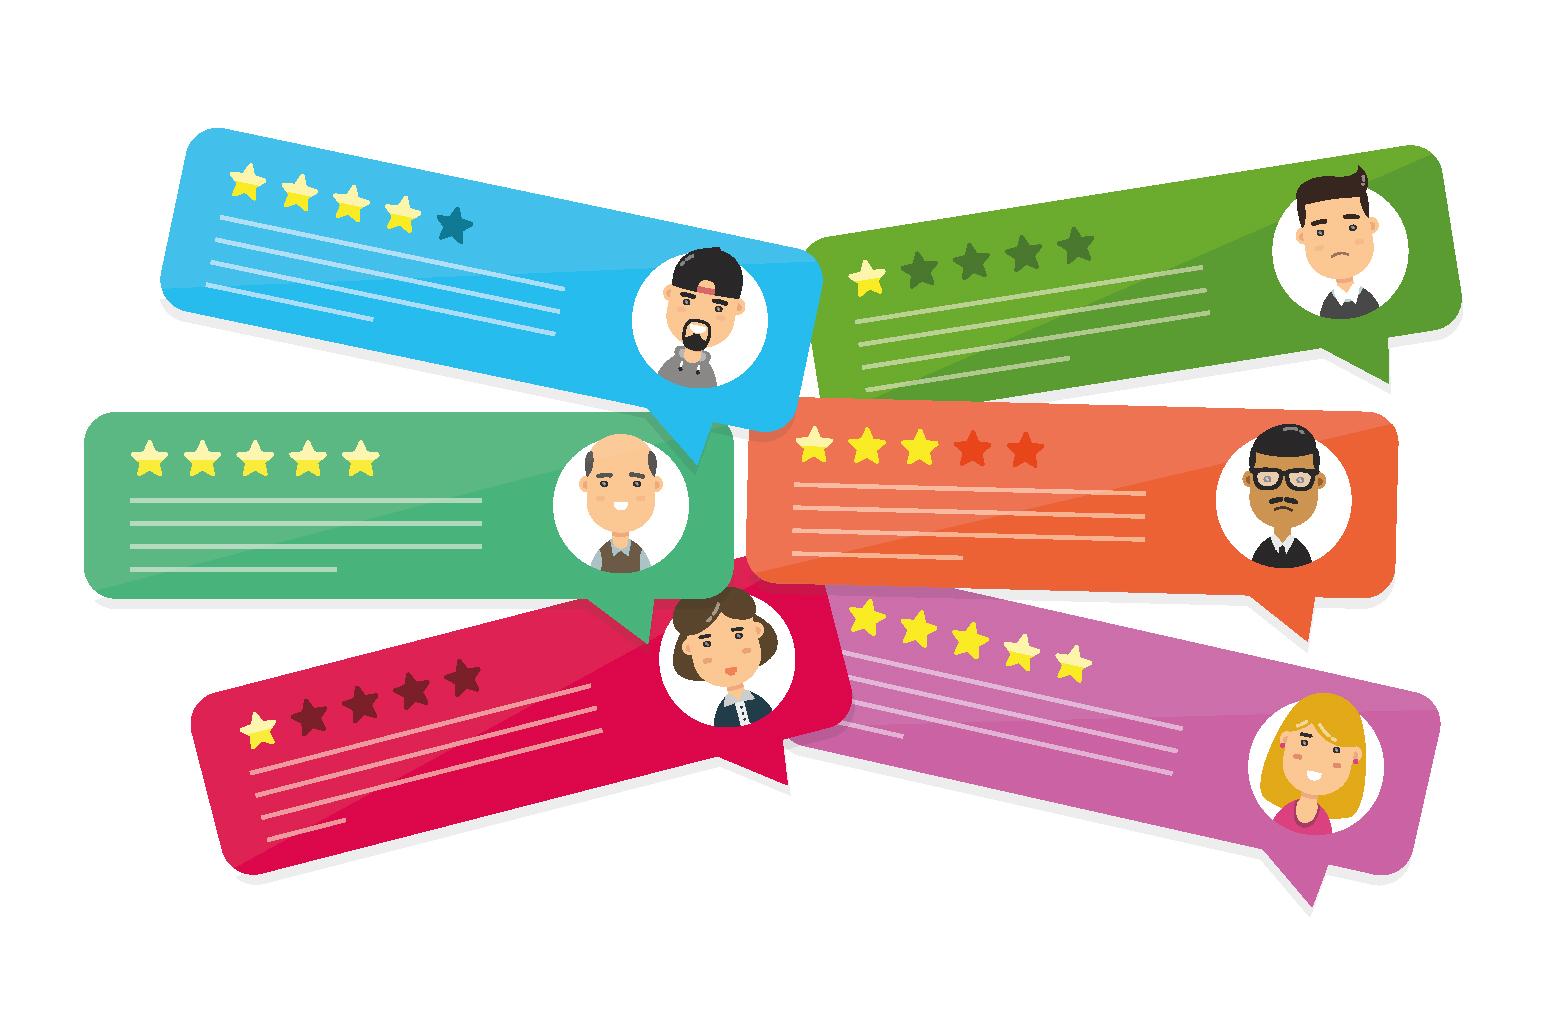 Recomendaciones para impulsar el negocio usando reseñas